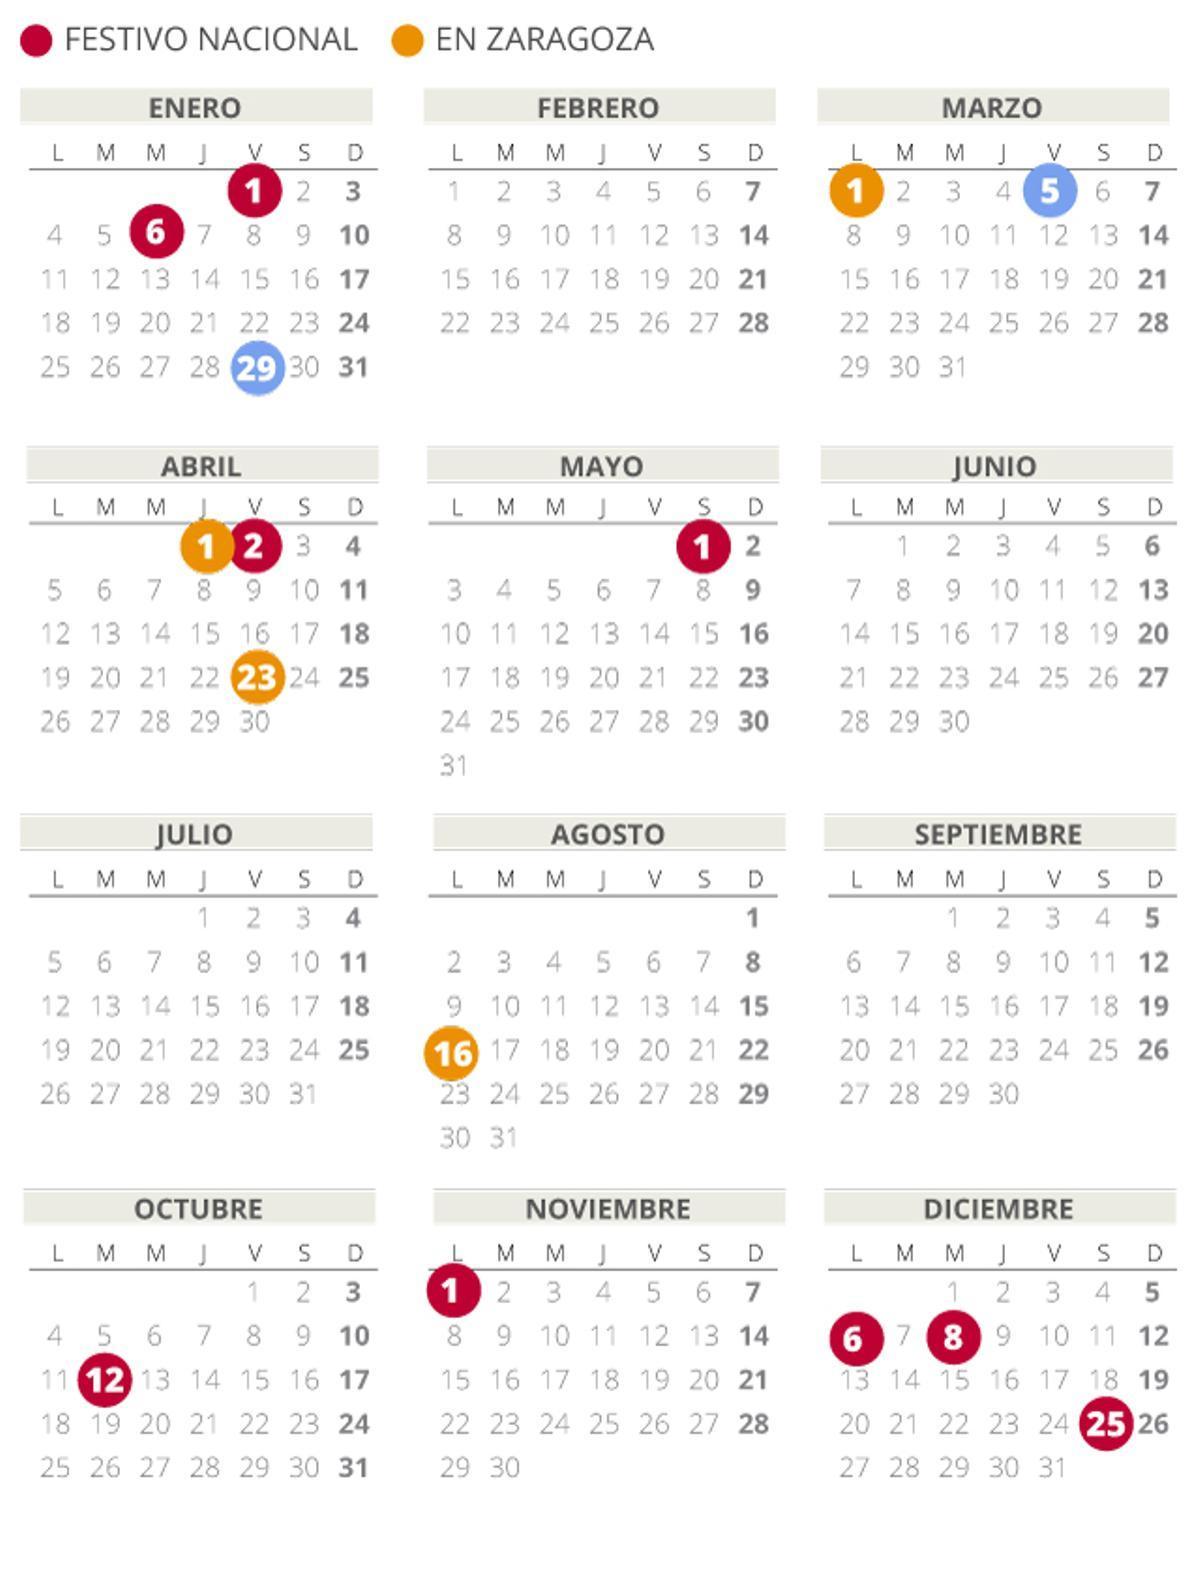 Calendario laboral de Aragón del 2021 (con todos los festivos)